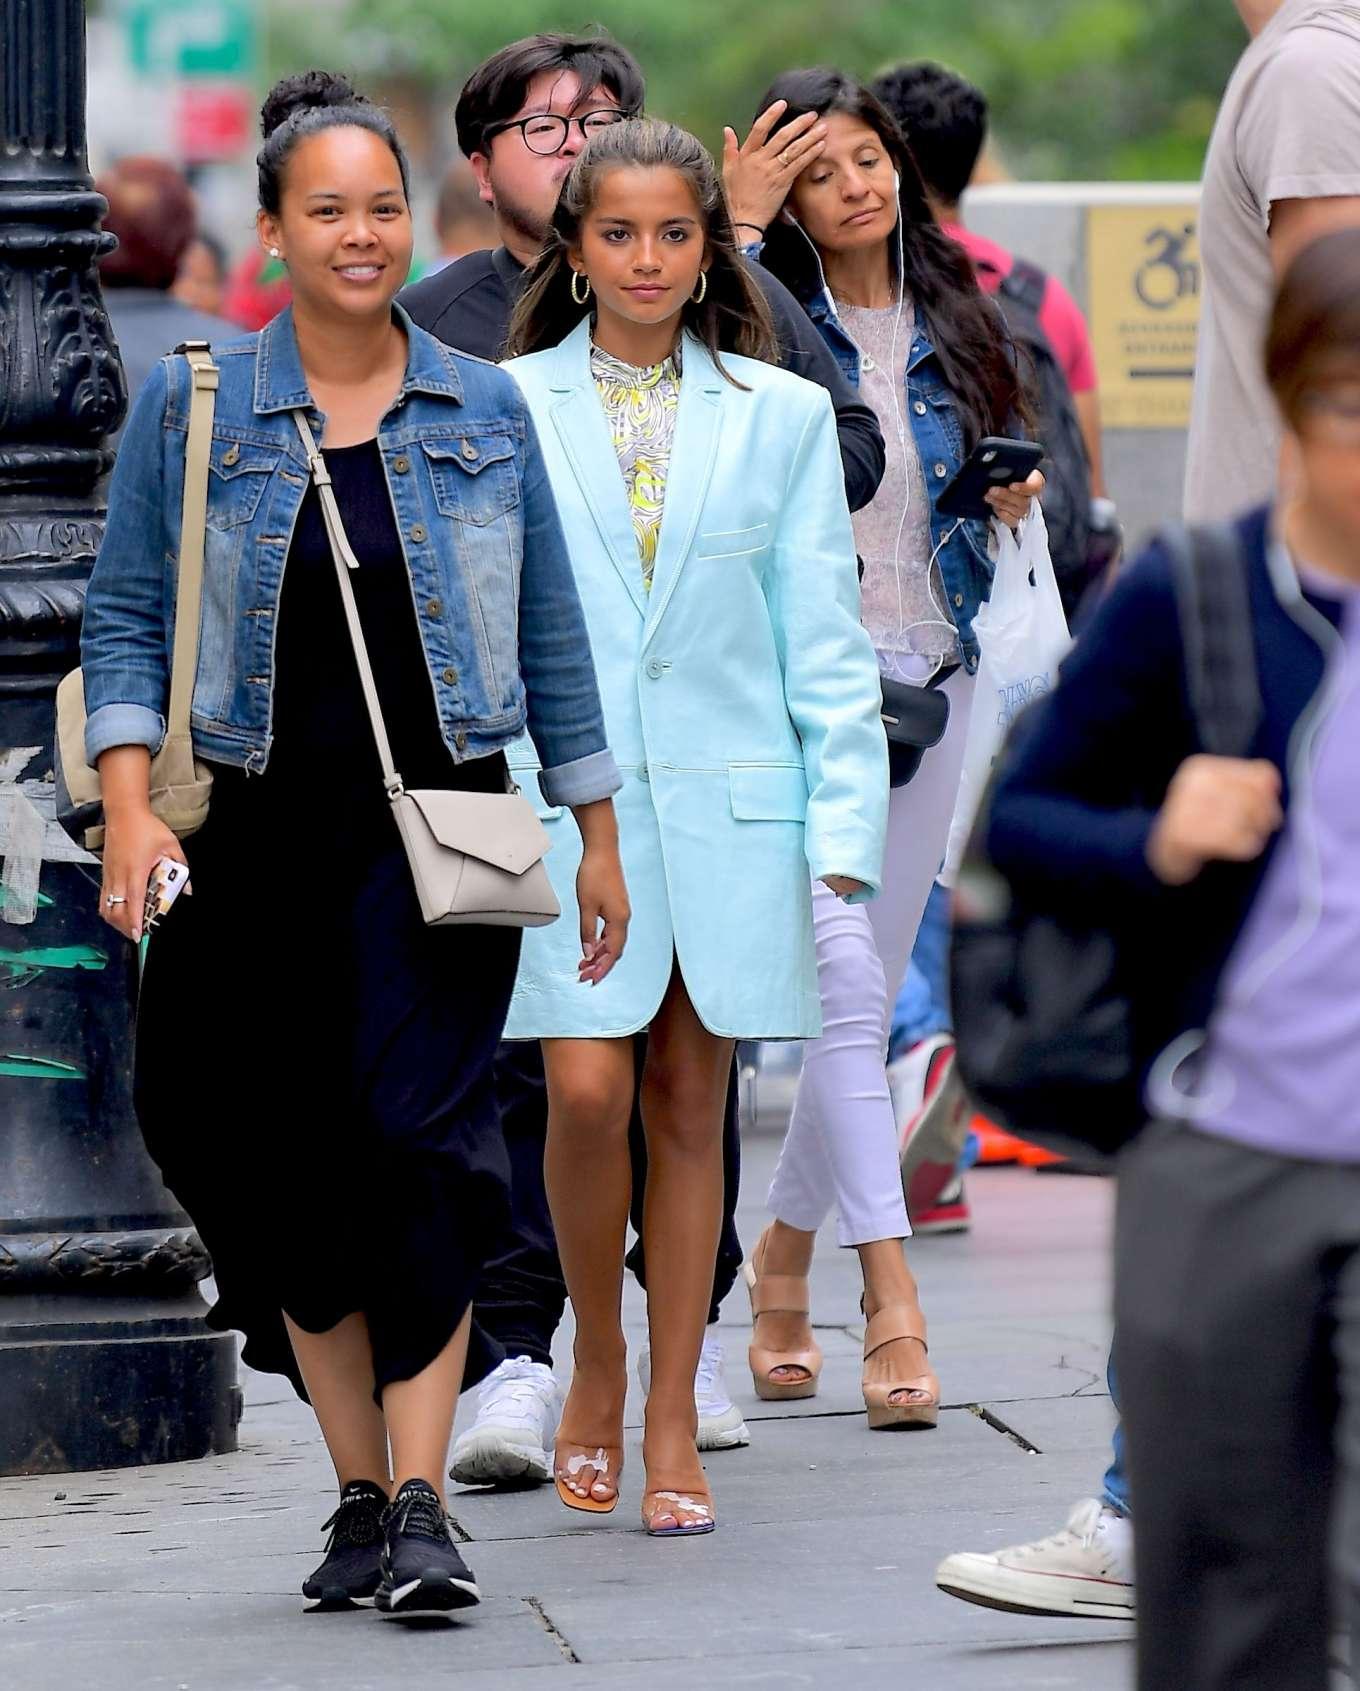 Isabela Moner 2019 : Isabela Moner – Poses for Stylish Photoshoot on the Steps of City Hall-26